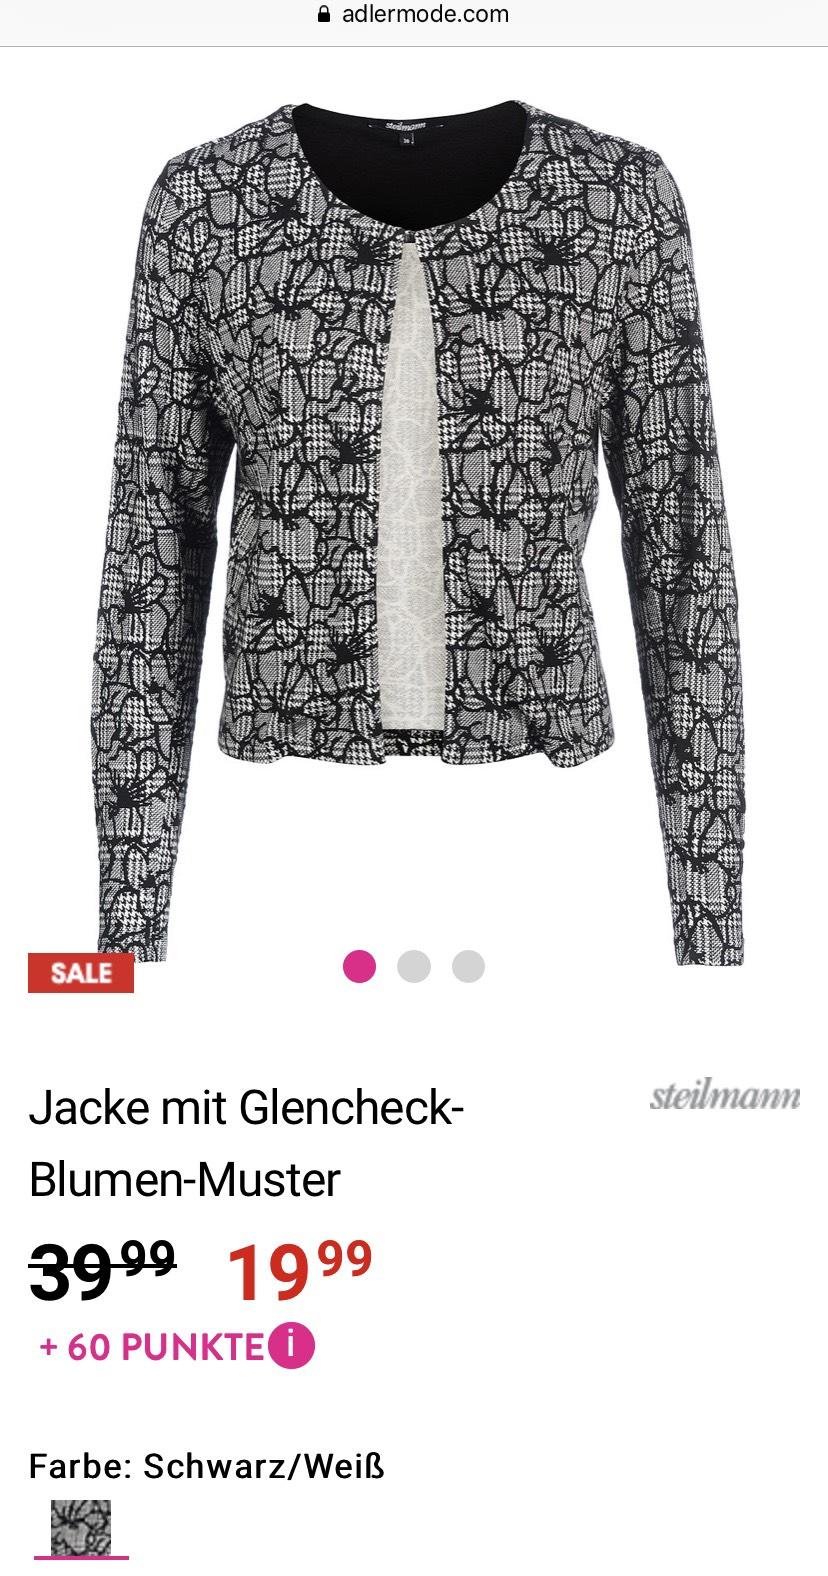 [Adler] Steilmann Jacke mit Glencheck-Blumen-Muster in großen Größen (42-48) schwarz/weiß für 23,94€ inkl. Versand